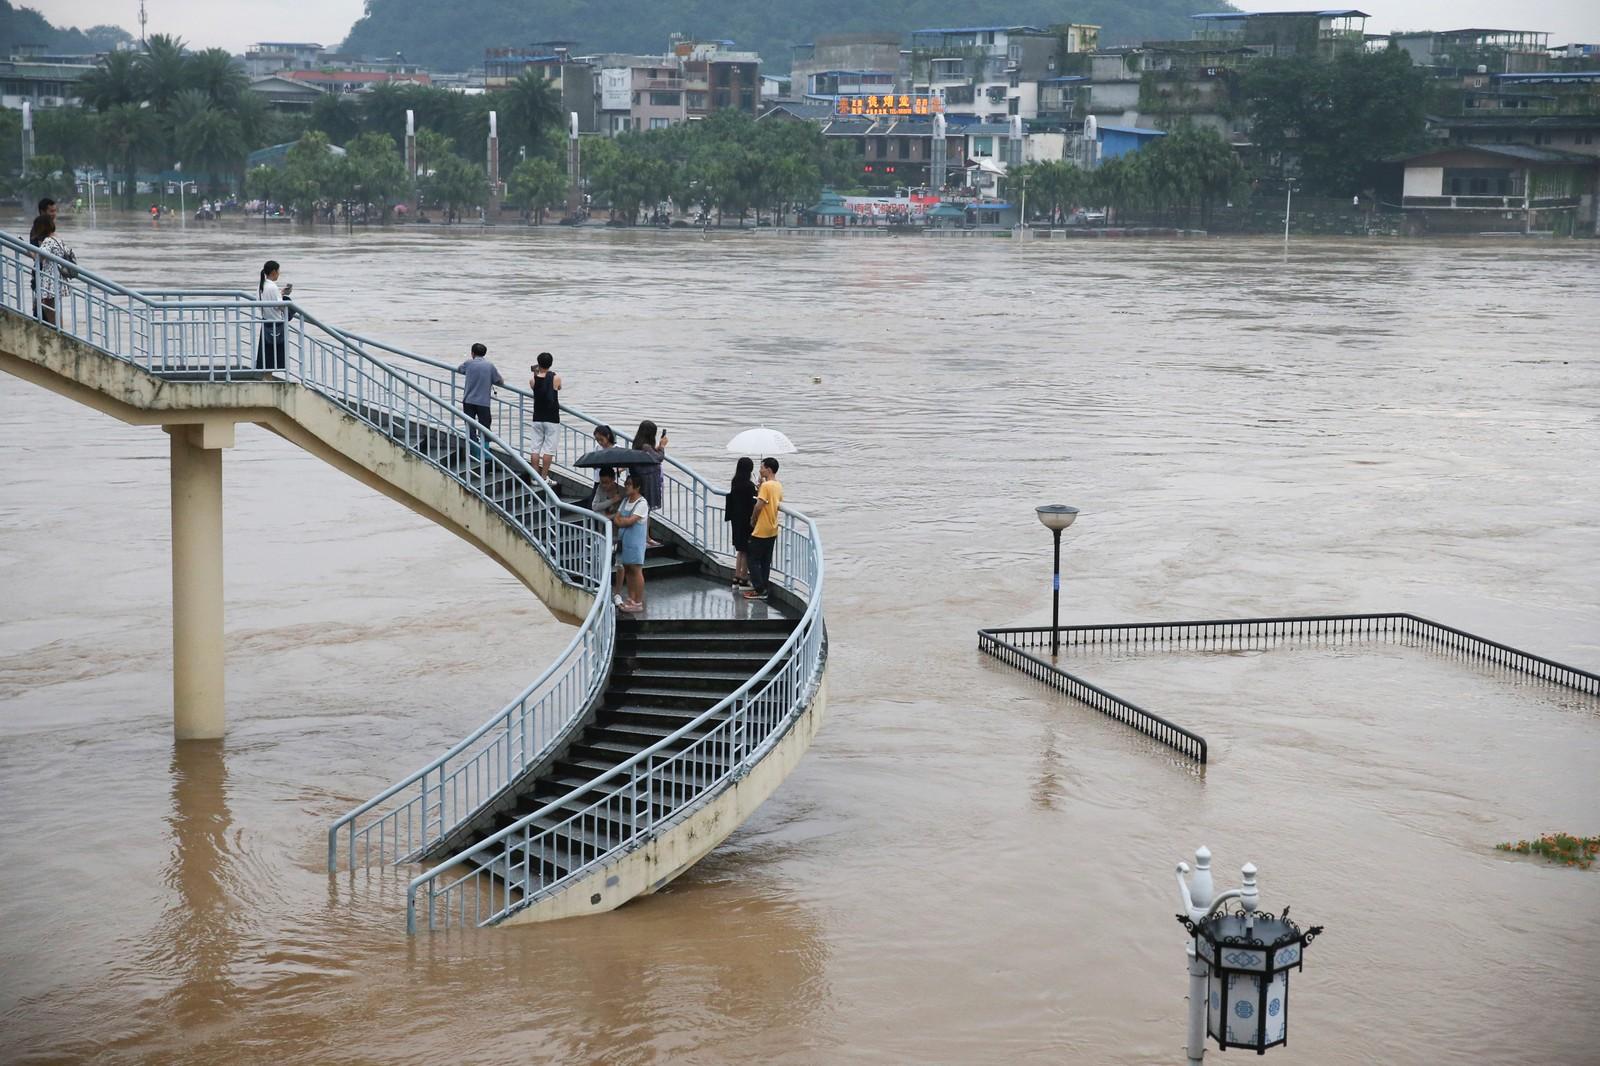 Den kinesiske elva Li gikk over sine bredder tidligere i uka. Mange observerte, og fotograferte, hendelsen.